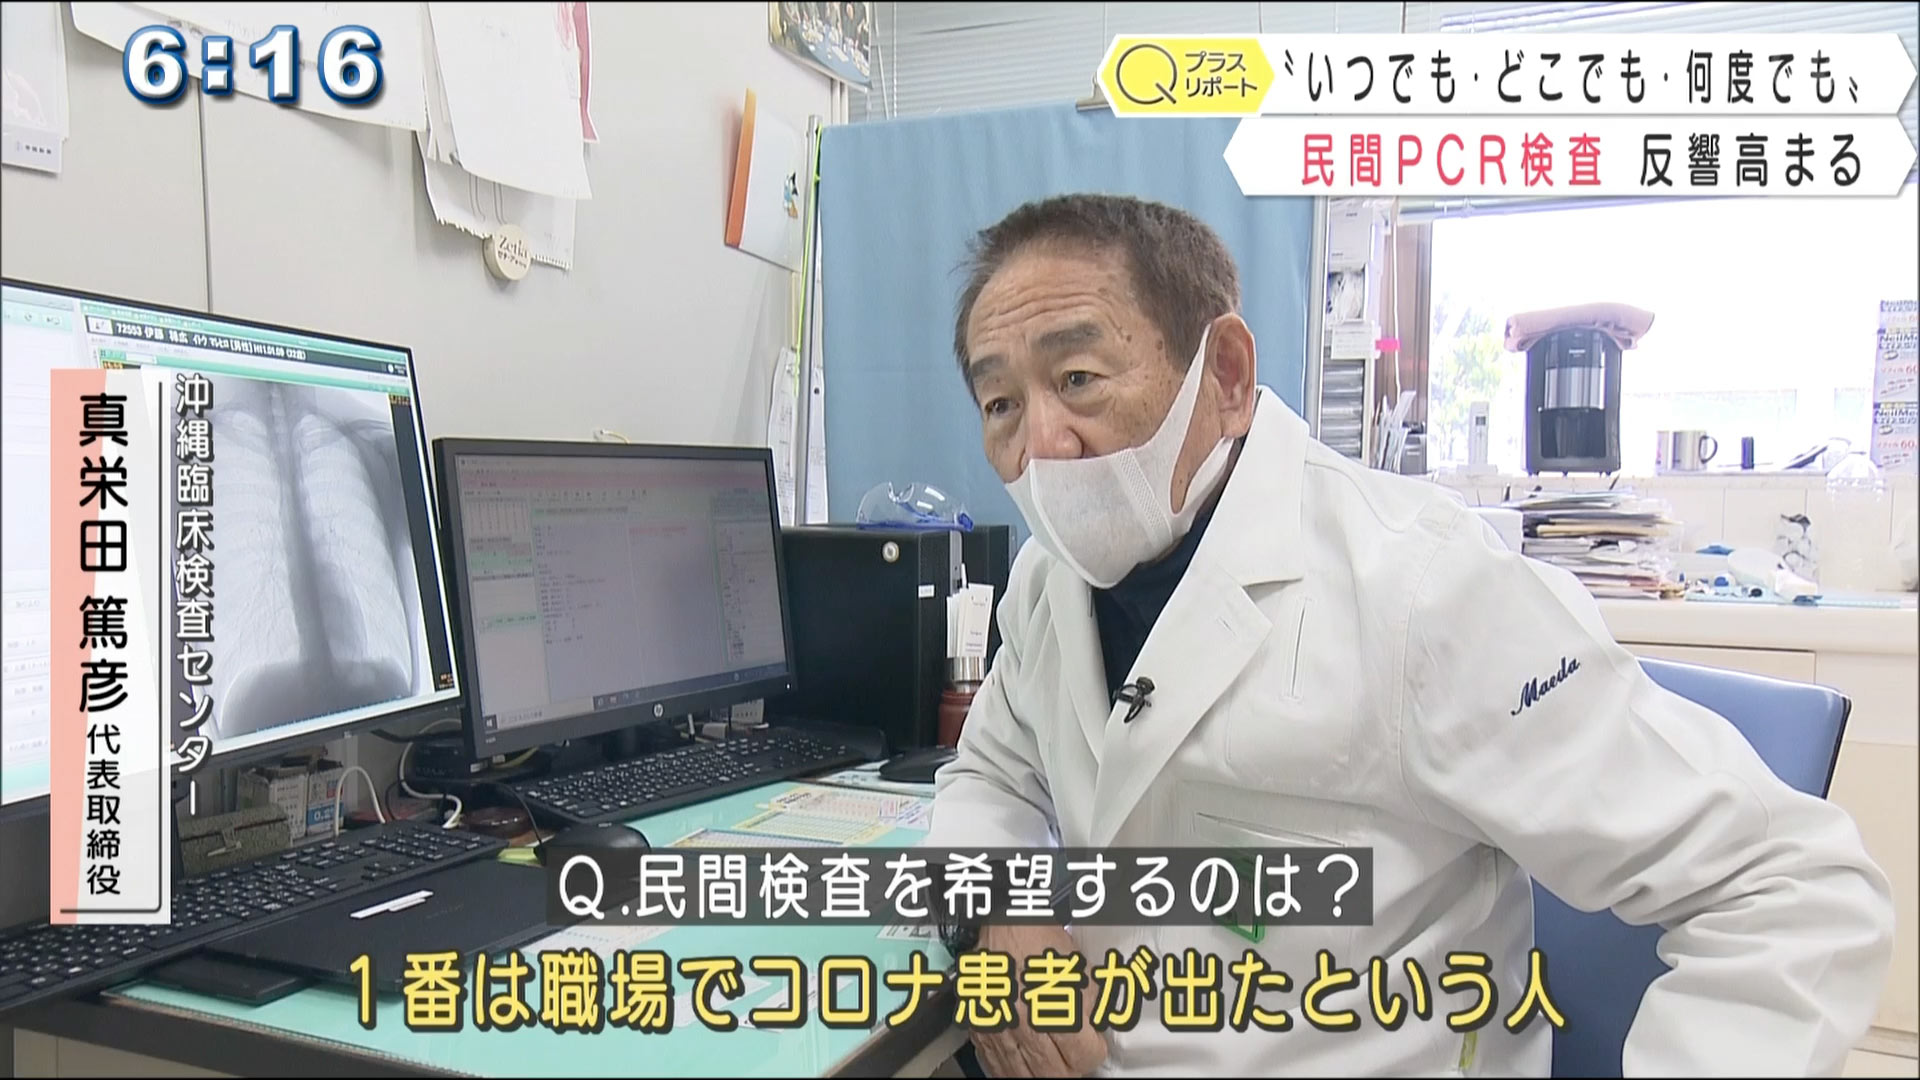 コロナ検査最前線 民間PCR検査と抗体検査